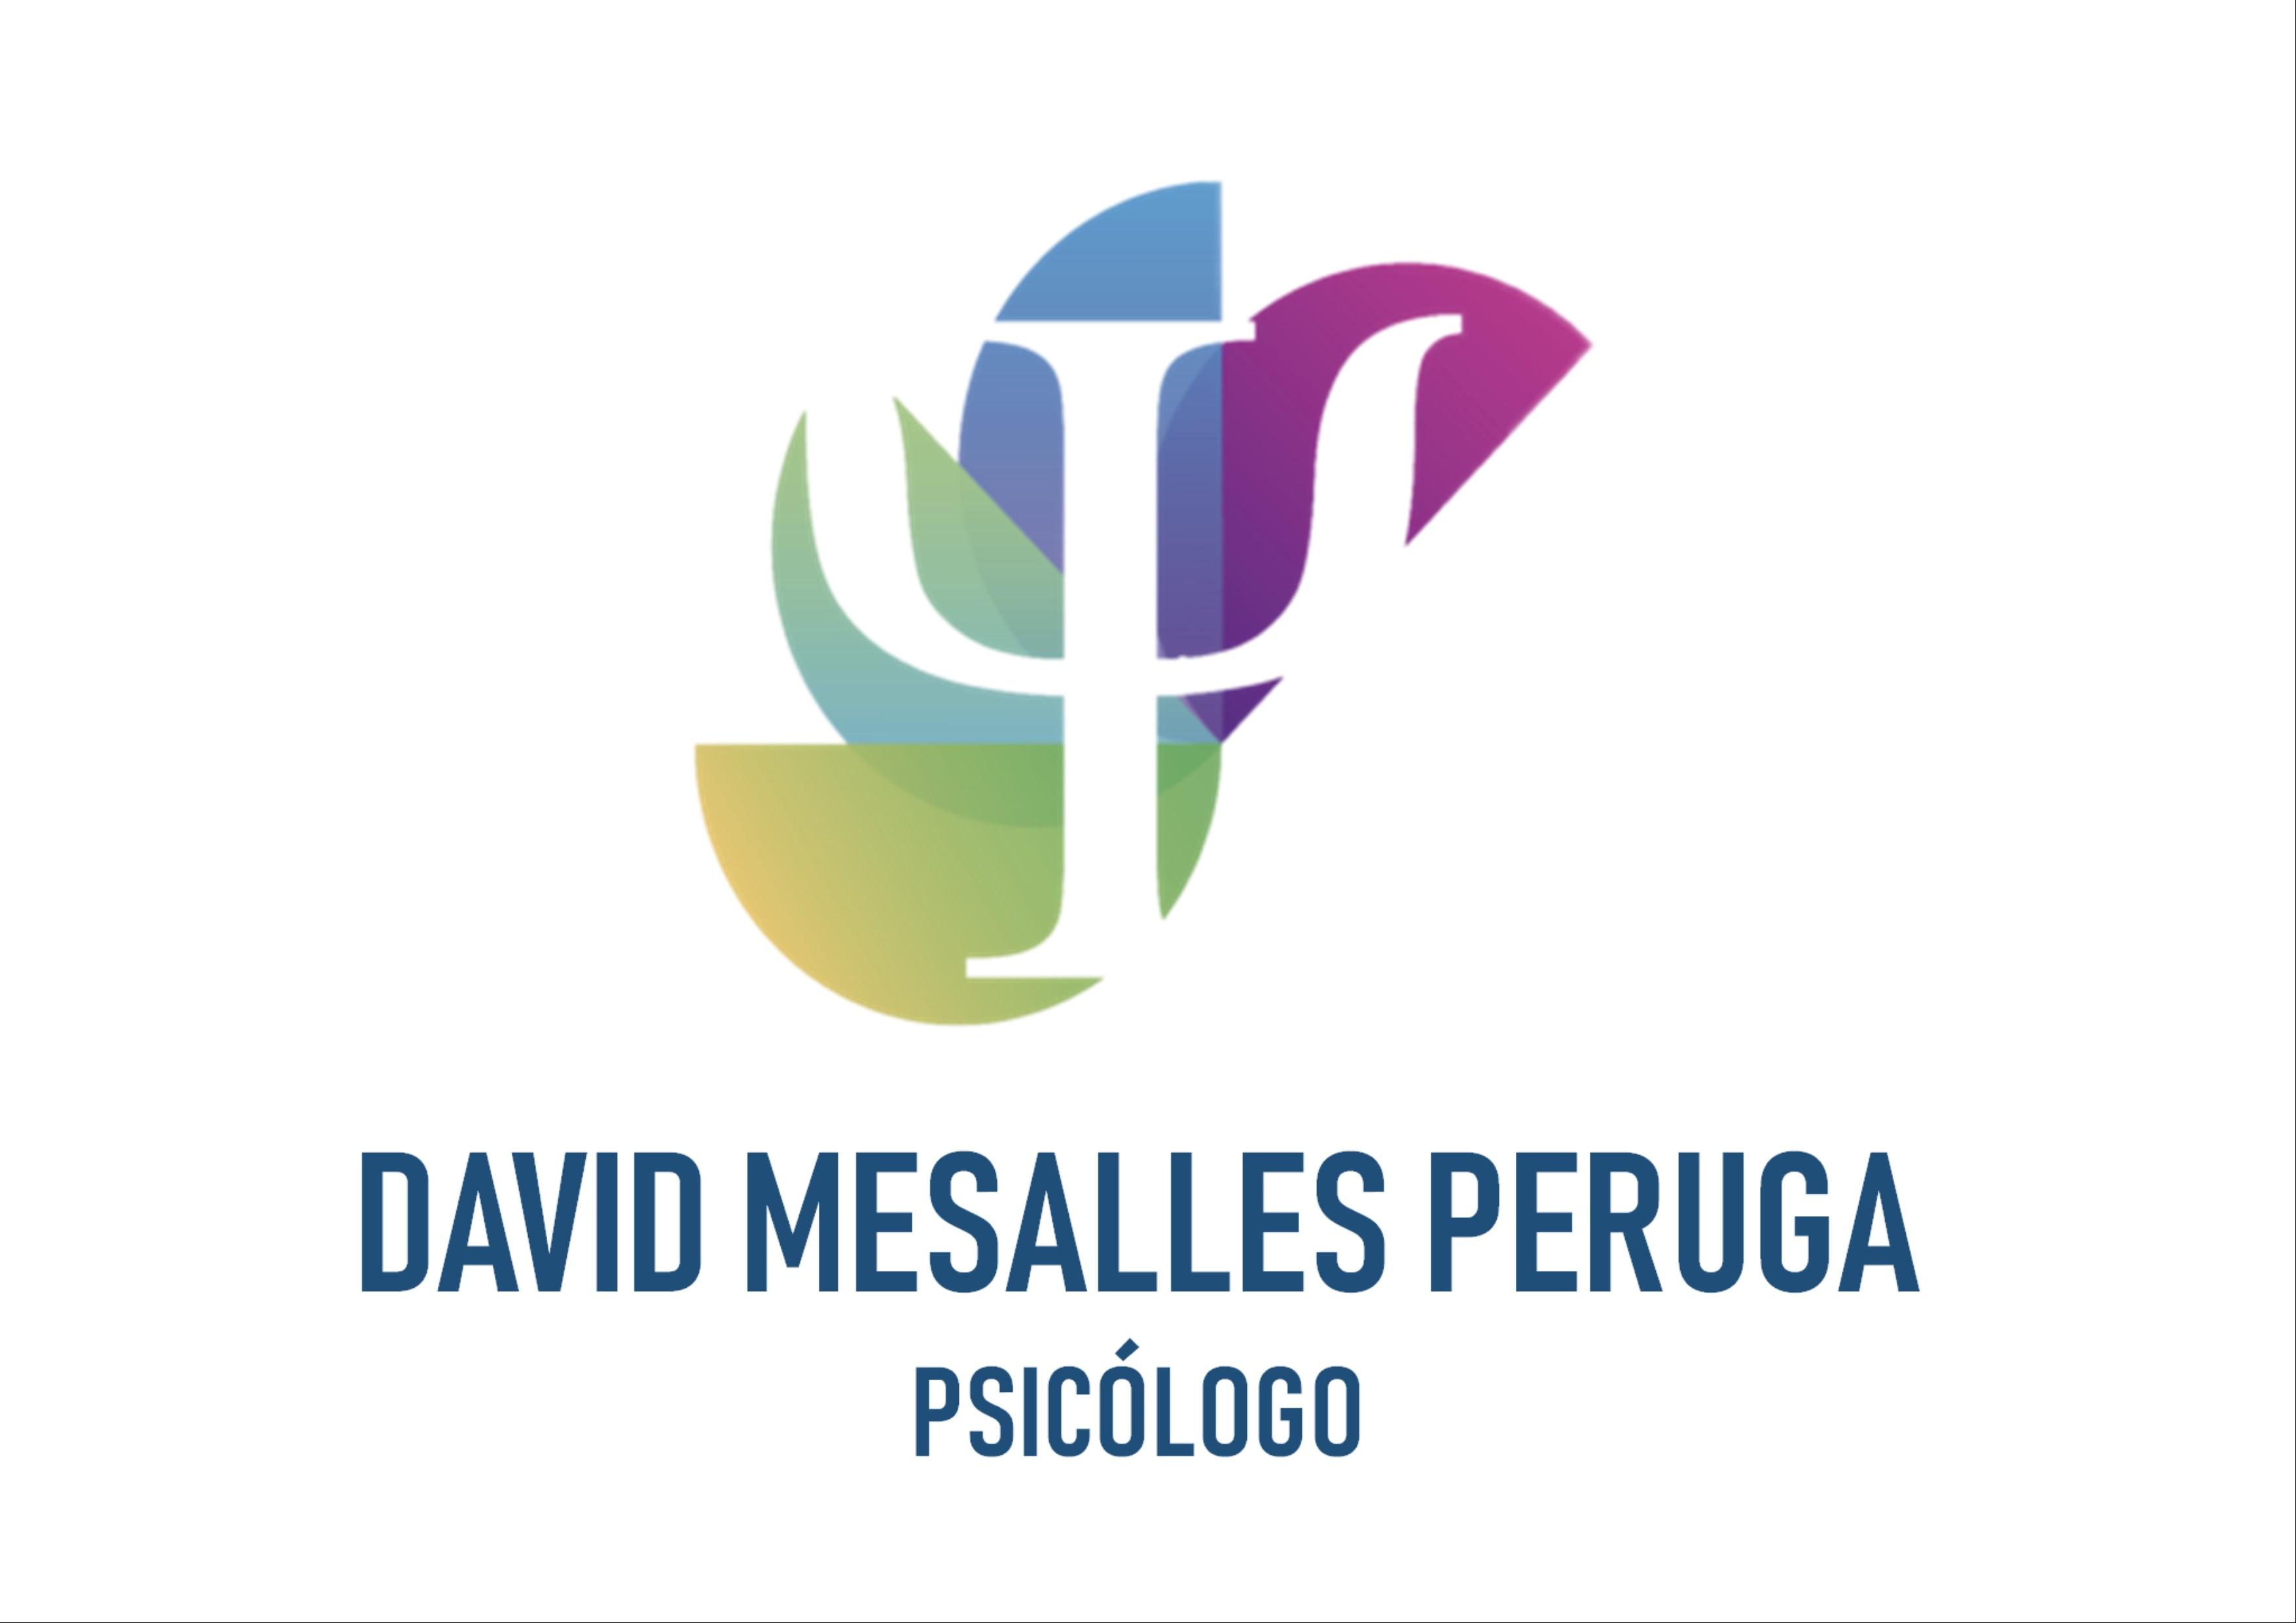 David Mesalles Peruga